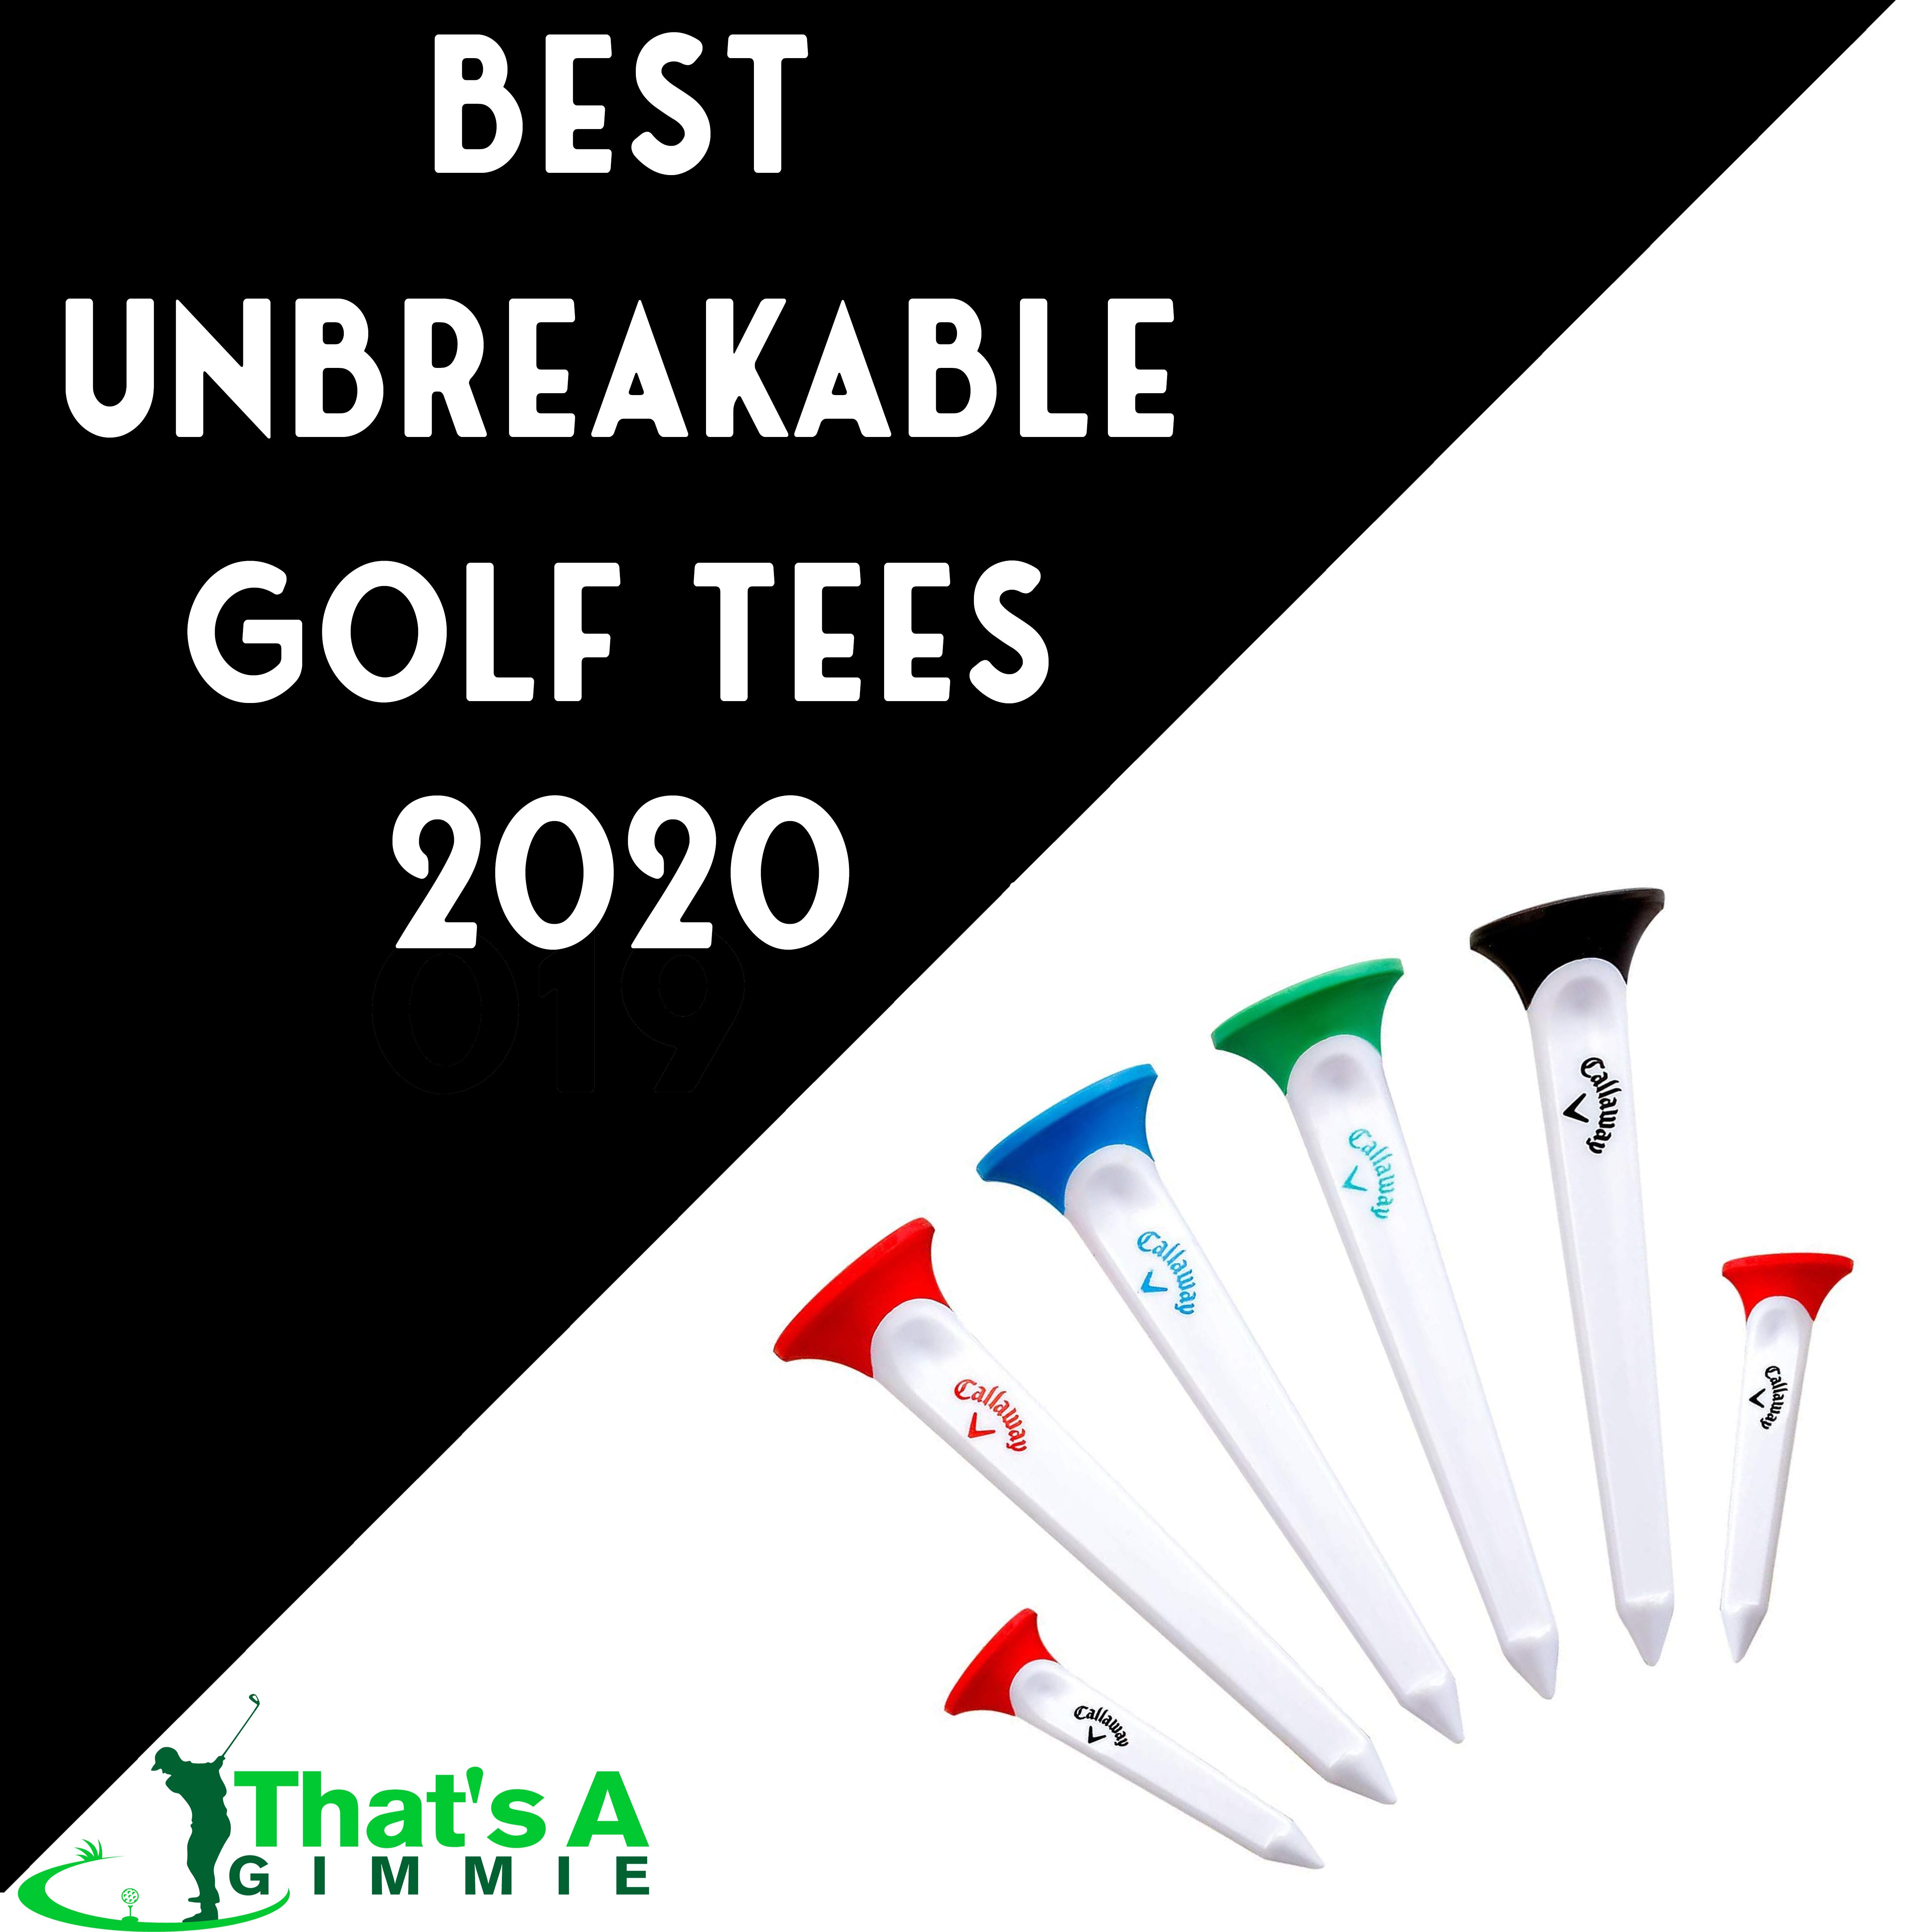 Best Unbreakable Golf Tees Golf Tees Golf Unbreakable